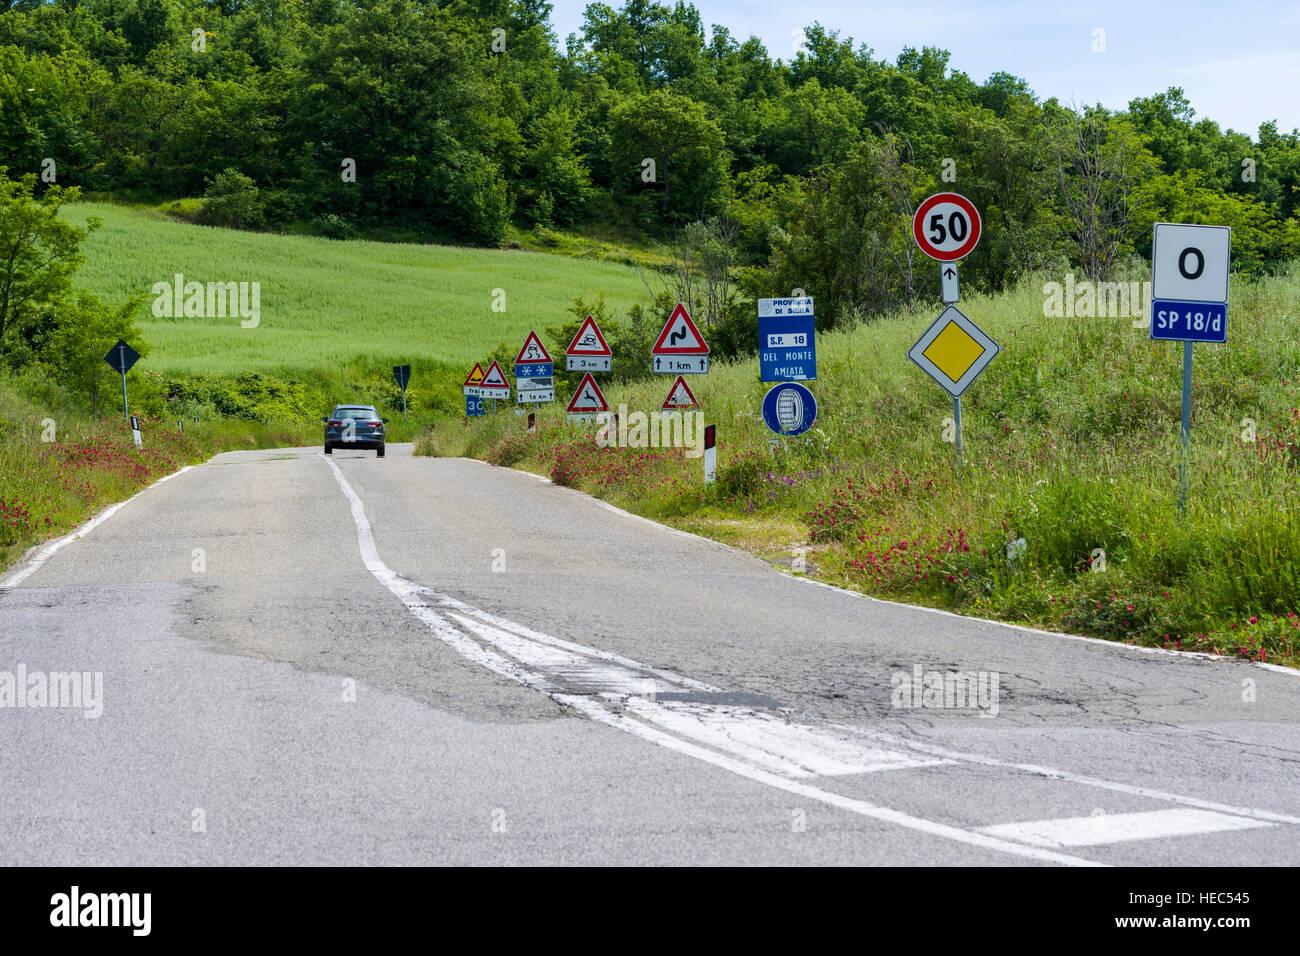 Typische grüne Toskana Landschaft im Val d'Orcia mit einer Straße flankiert bei vielen Verkehrszeichen Stockbild